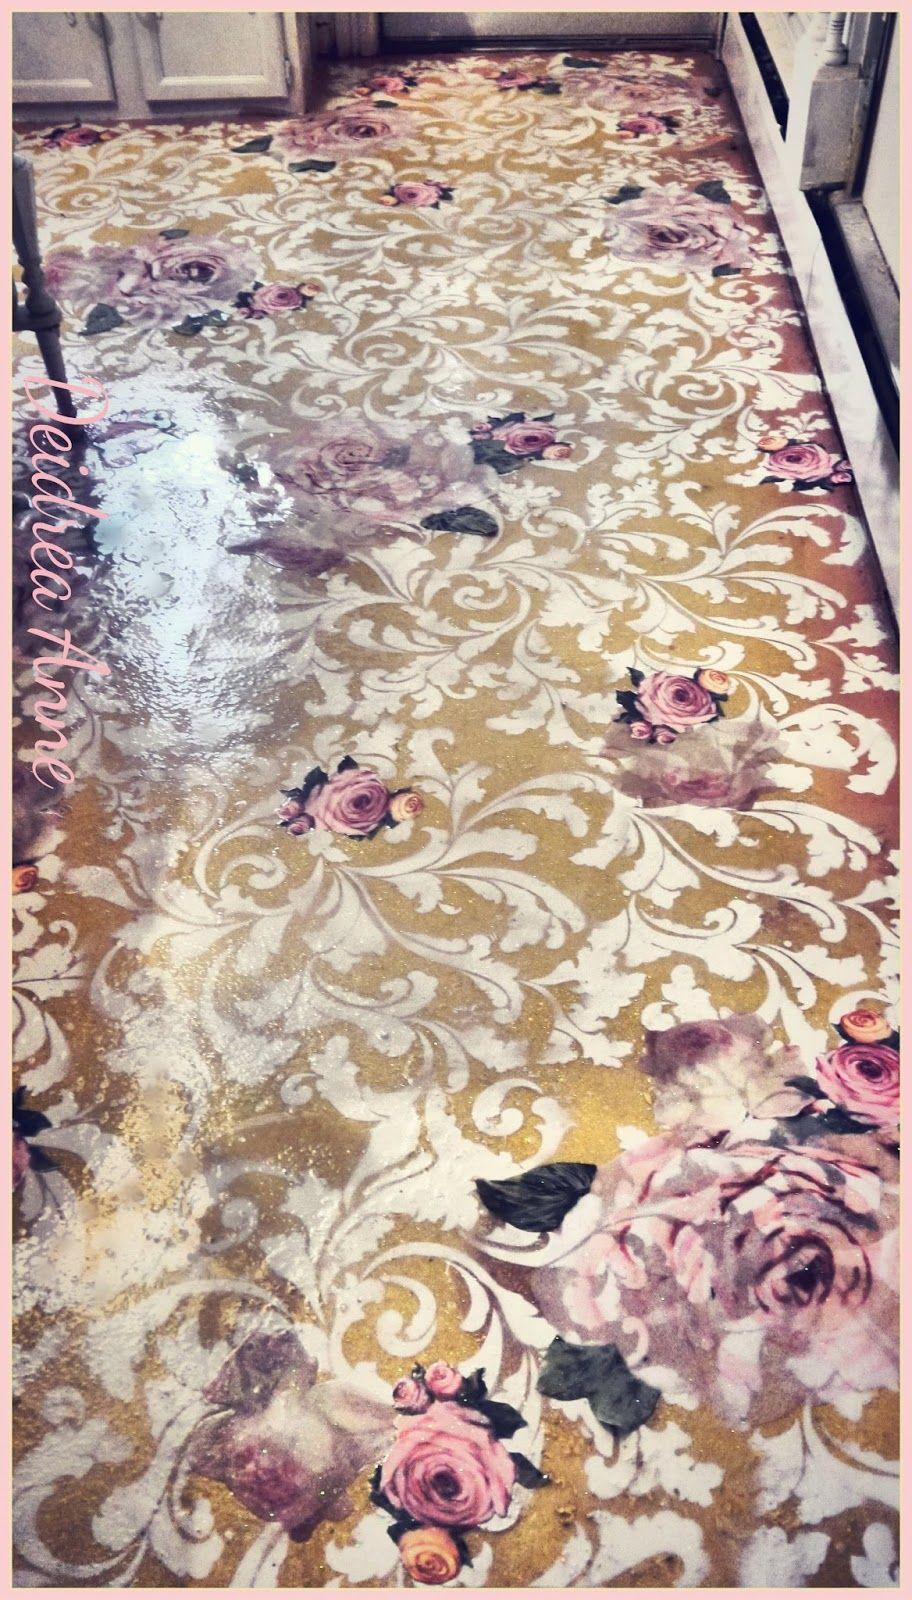 Kitchen Linoleum Flooring Reloved Stenciled Decoupaged Glitter Floorthis Was Icky Vinyl